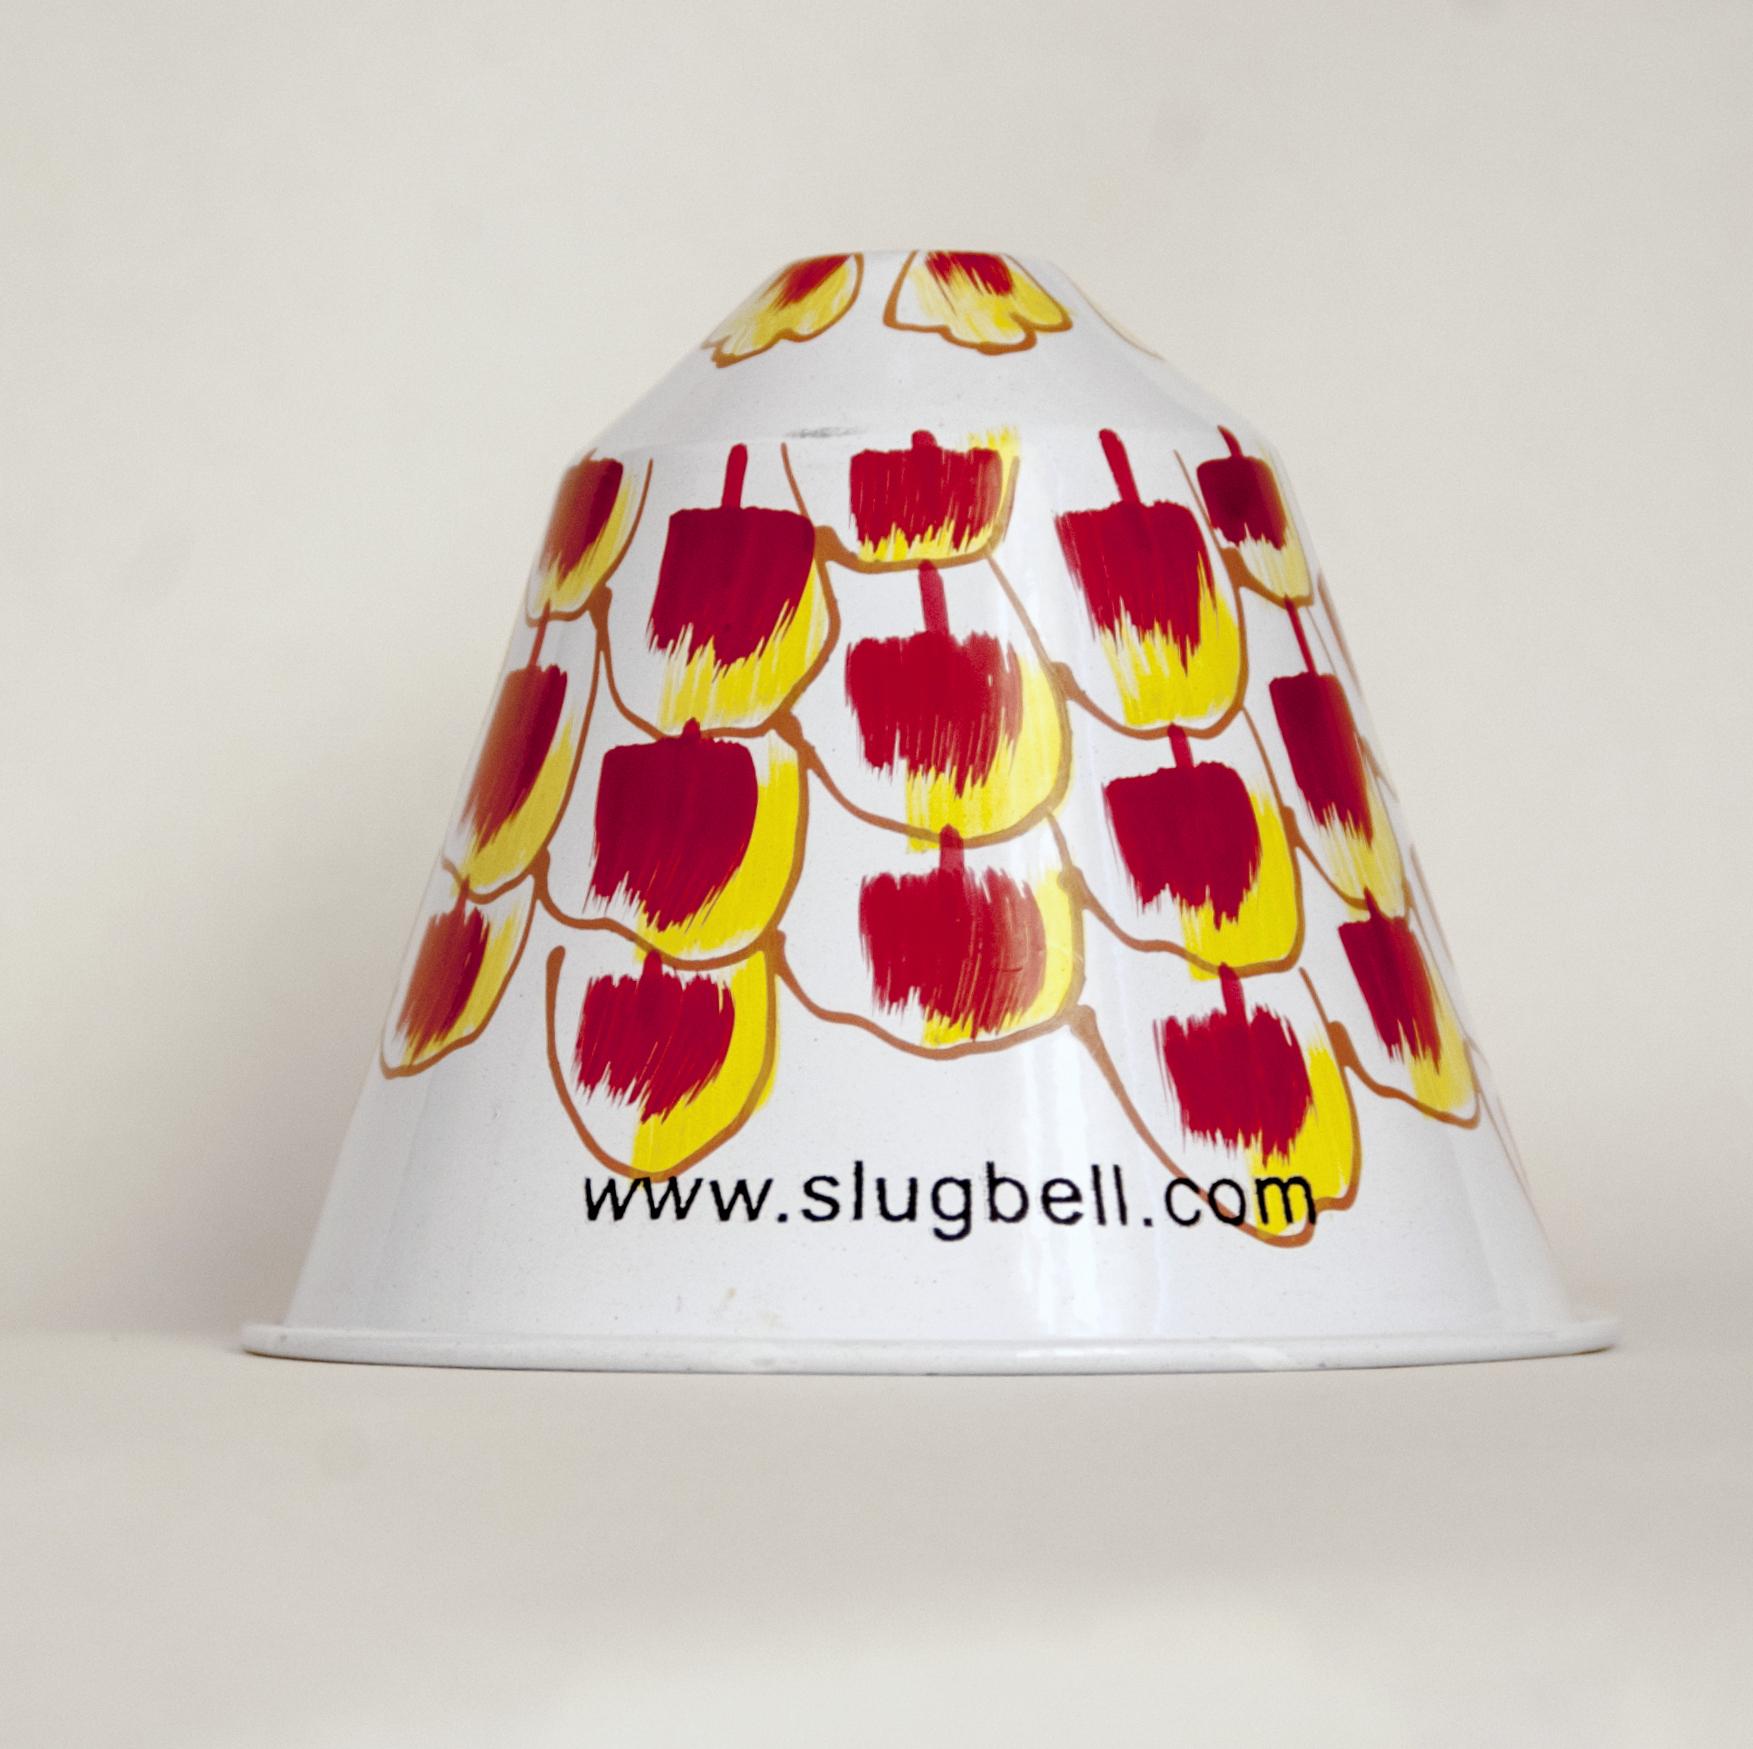 Marigold flowers slug bell